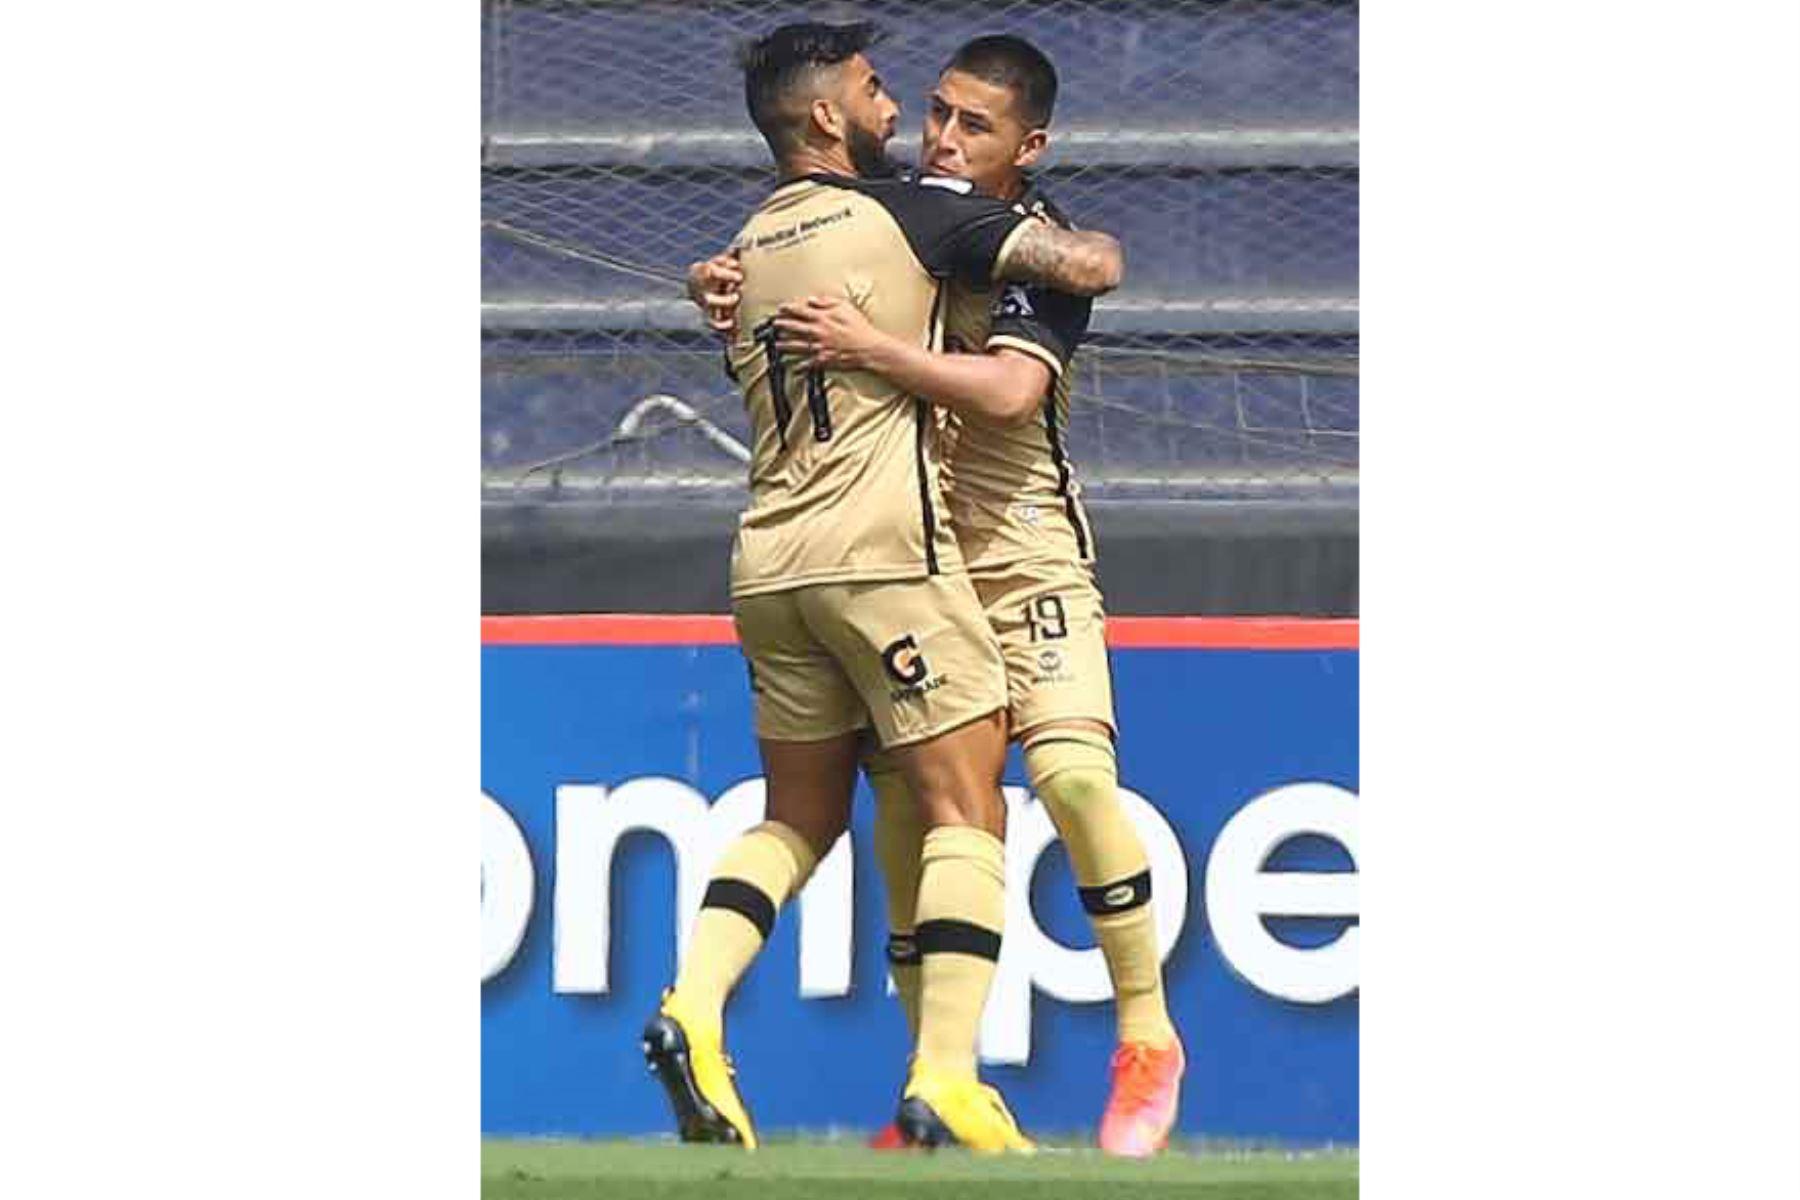 Royer Villano de D. Municipal  celebra su gol ante F.C Cusco durante partido por la fecha 8 de la Liga 1, en el estadio Alejandro Villanueva.  Foto: Liga 1